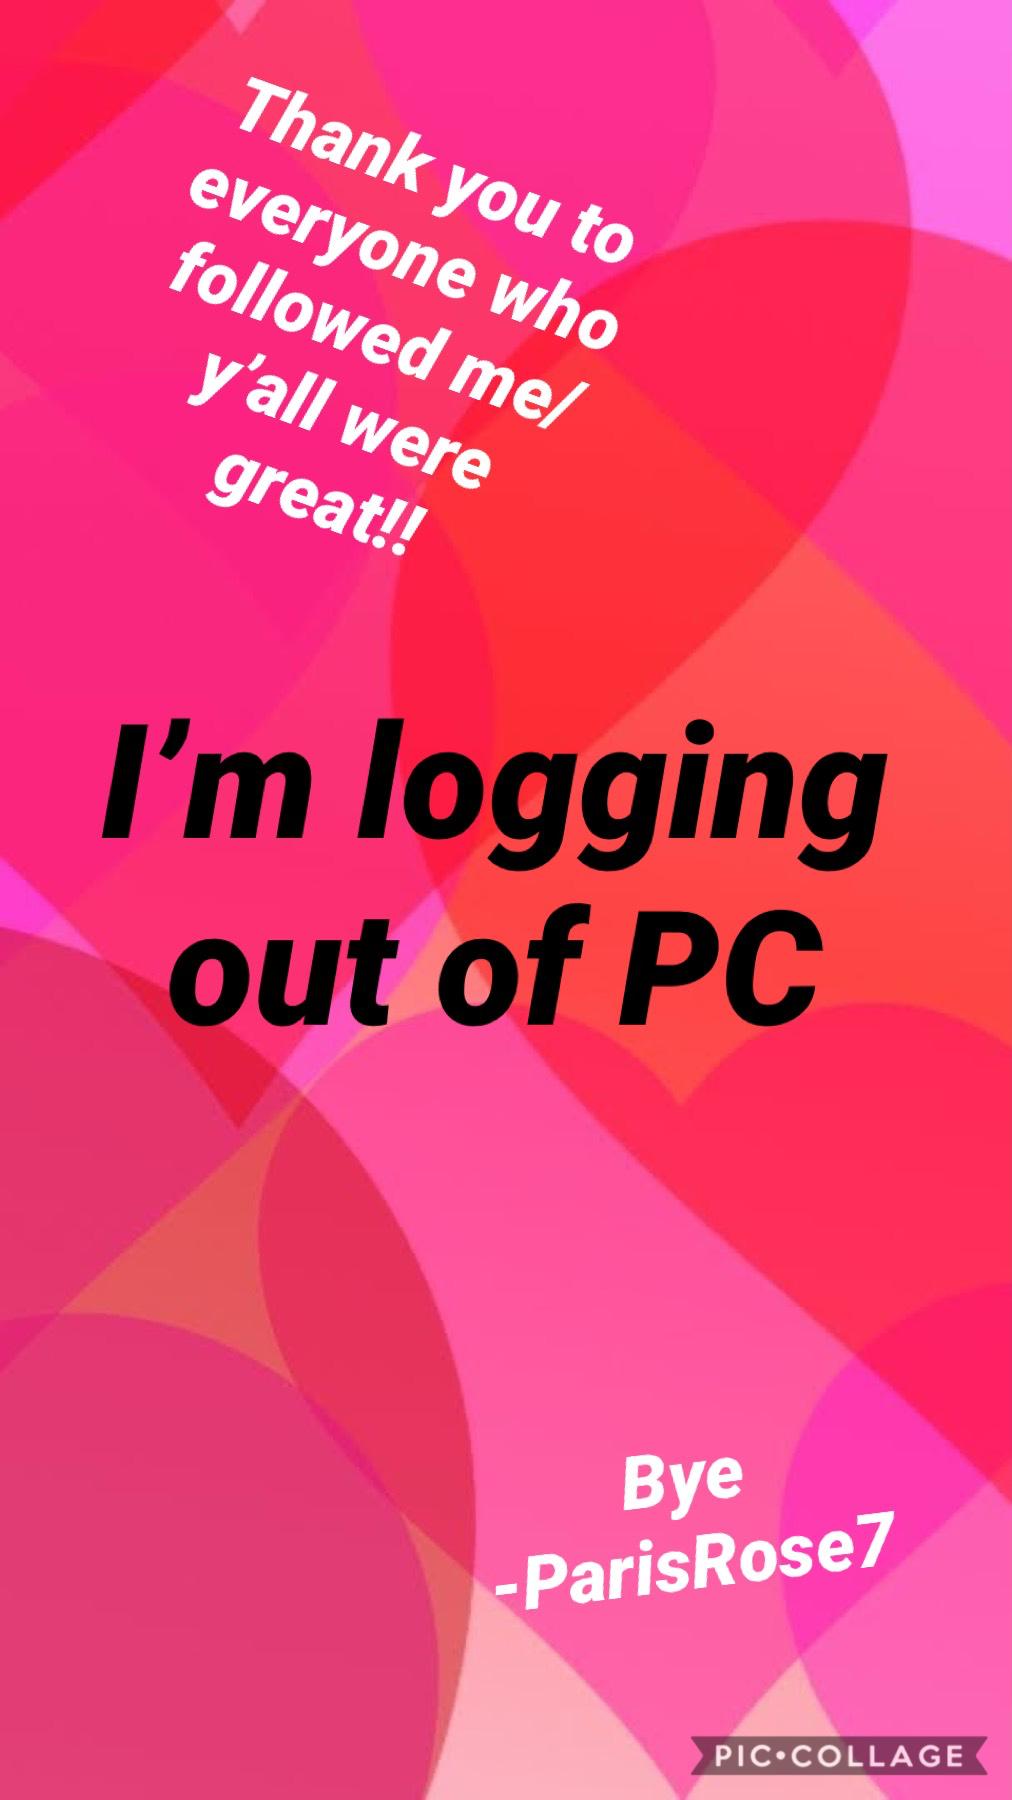 I'm logging out